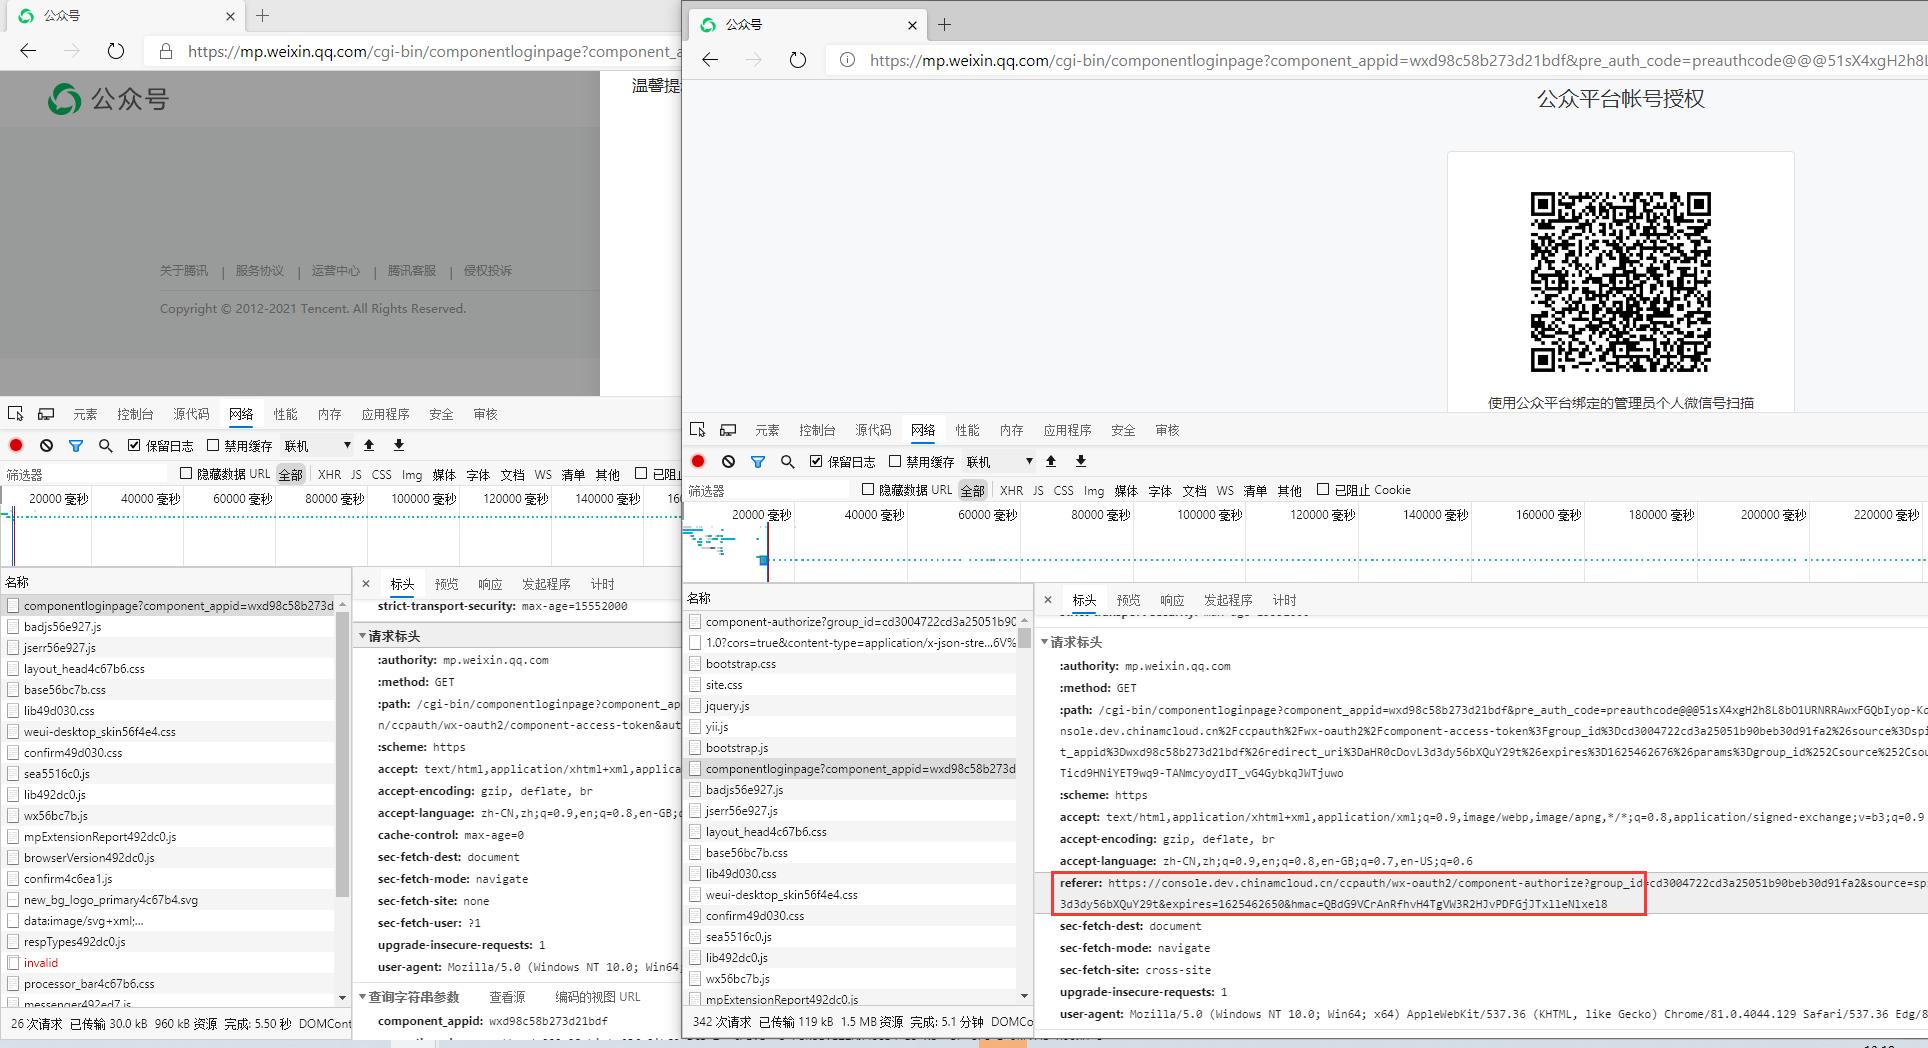 仔细对比二者的差异,正常显示二维码的页面,其请求头中包含:referer。而报错的页面不包含:referer。